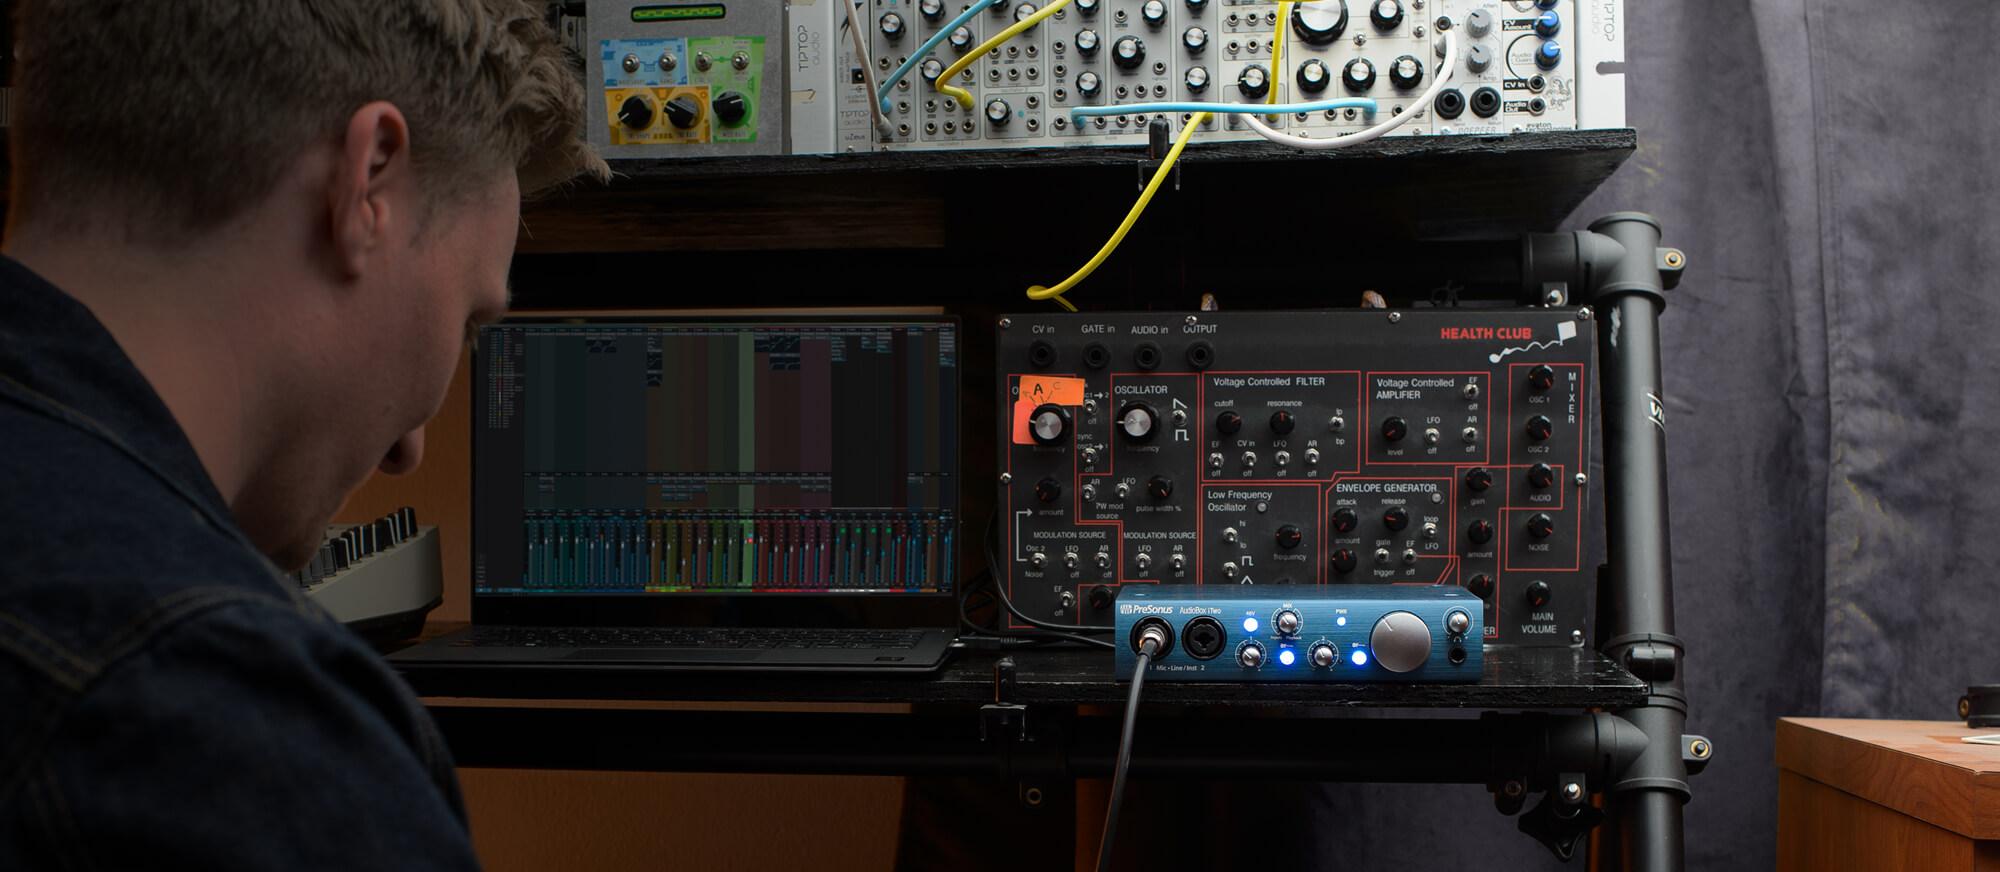 Audiobox Itwo Presonus Recording Studio Wiring Buy Now